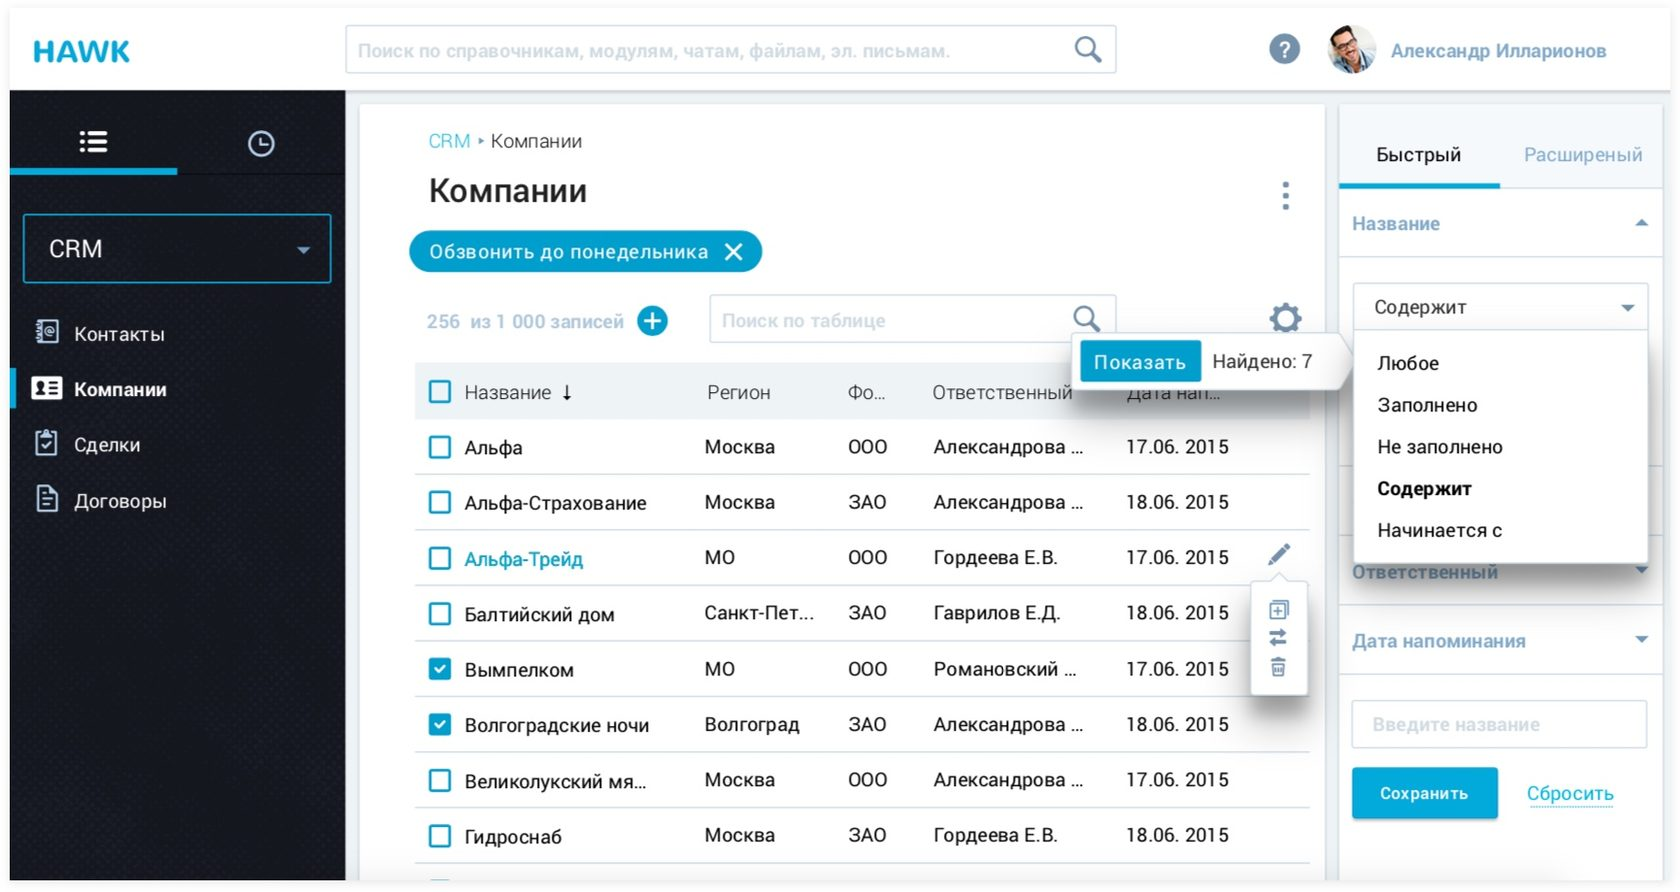 Финальная страница со списком компаний | sobakapav.ru